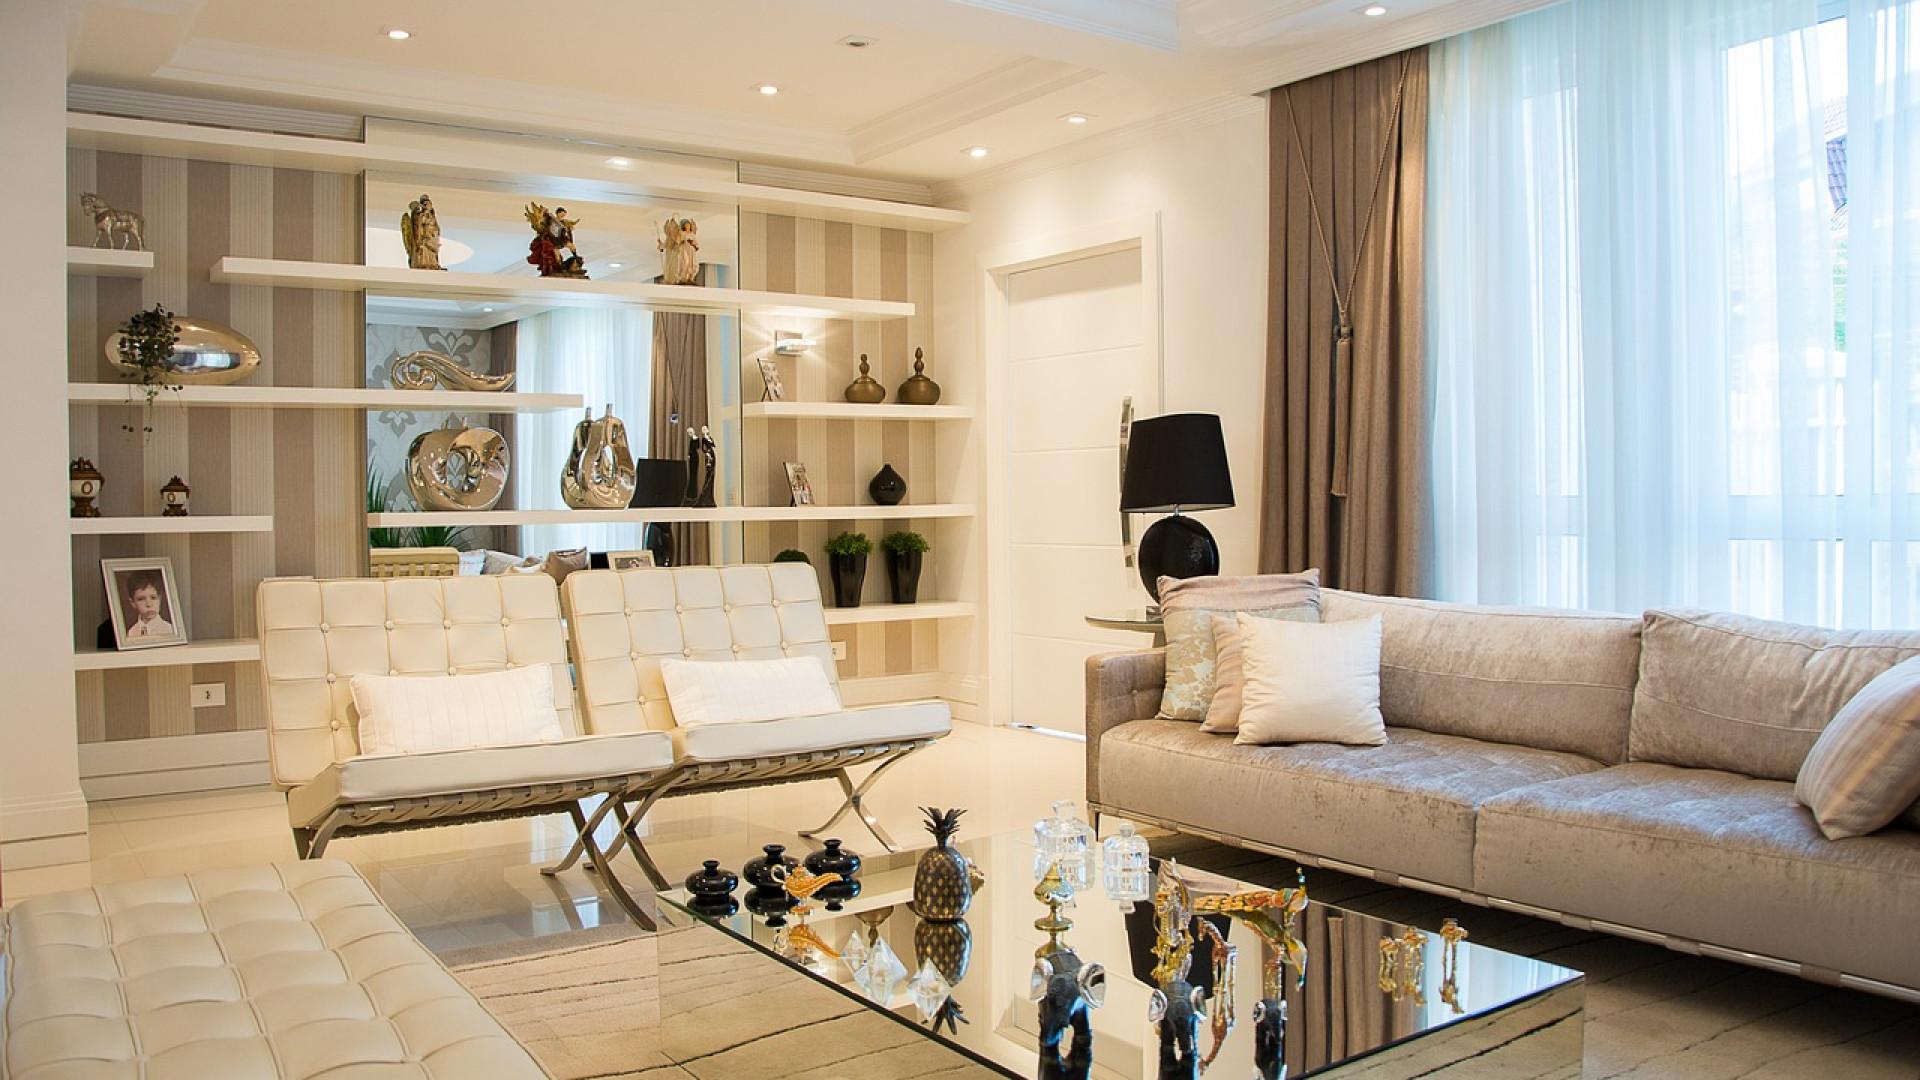 Faire appel à un professionnel pour la rénovation de votre maison ?